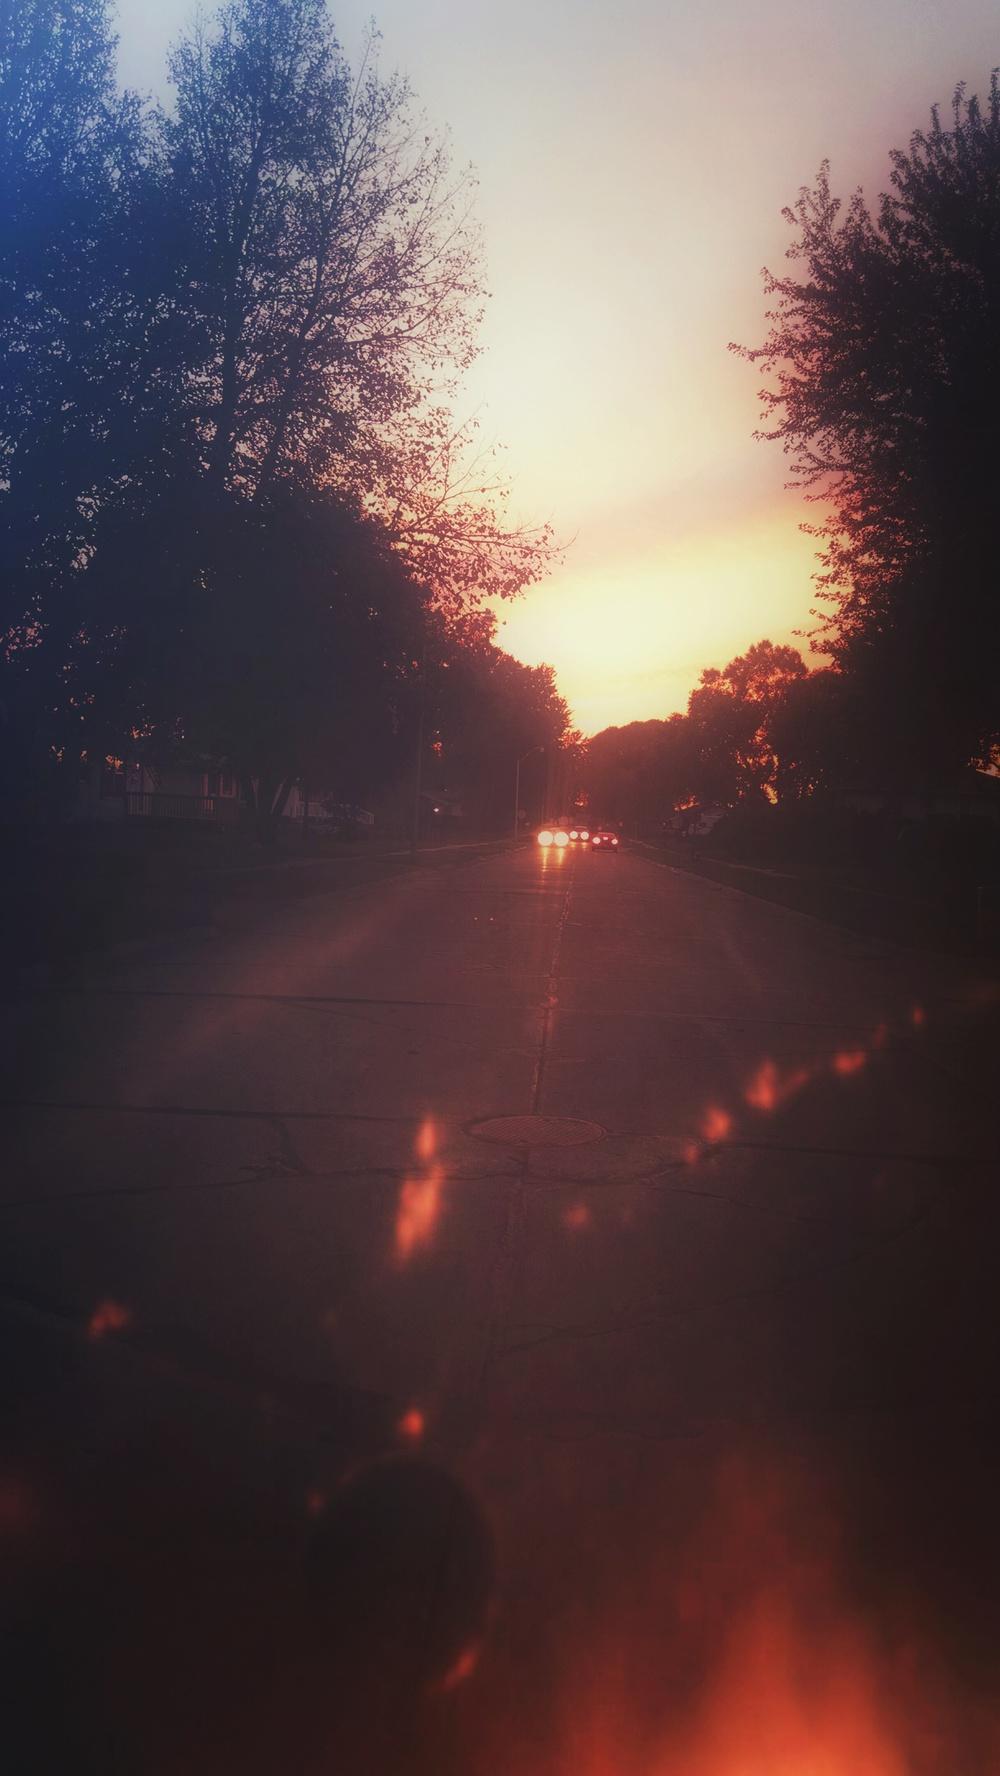 Just a shot down my street after an evening walk.